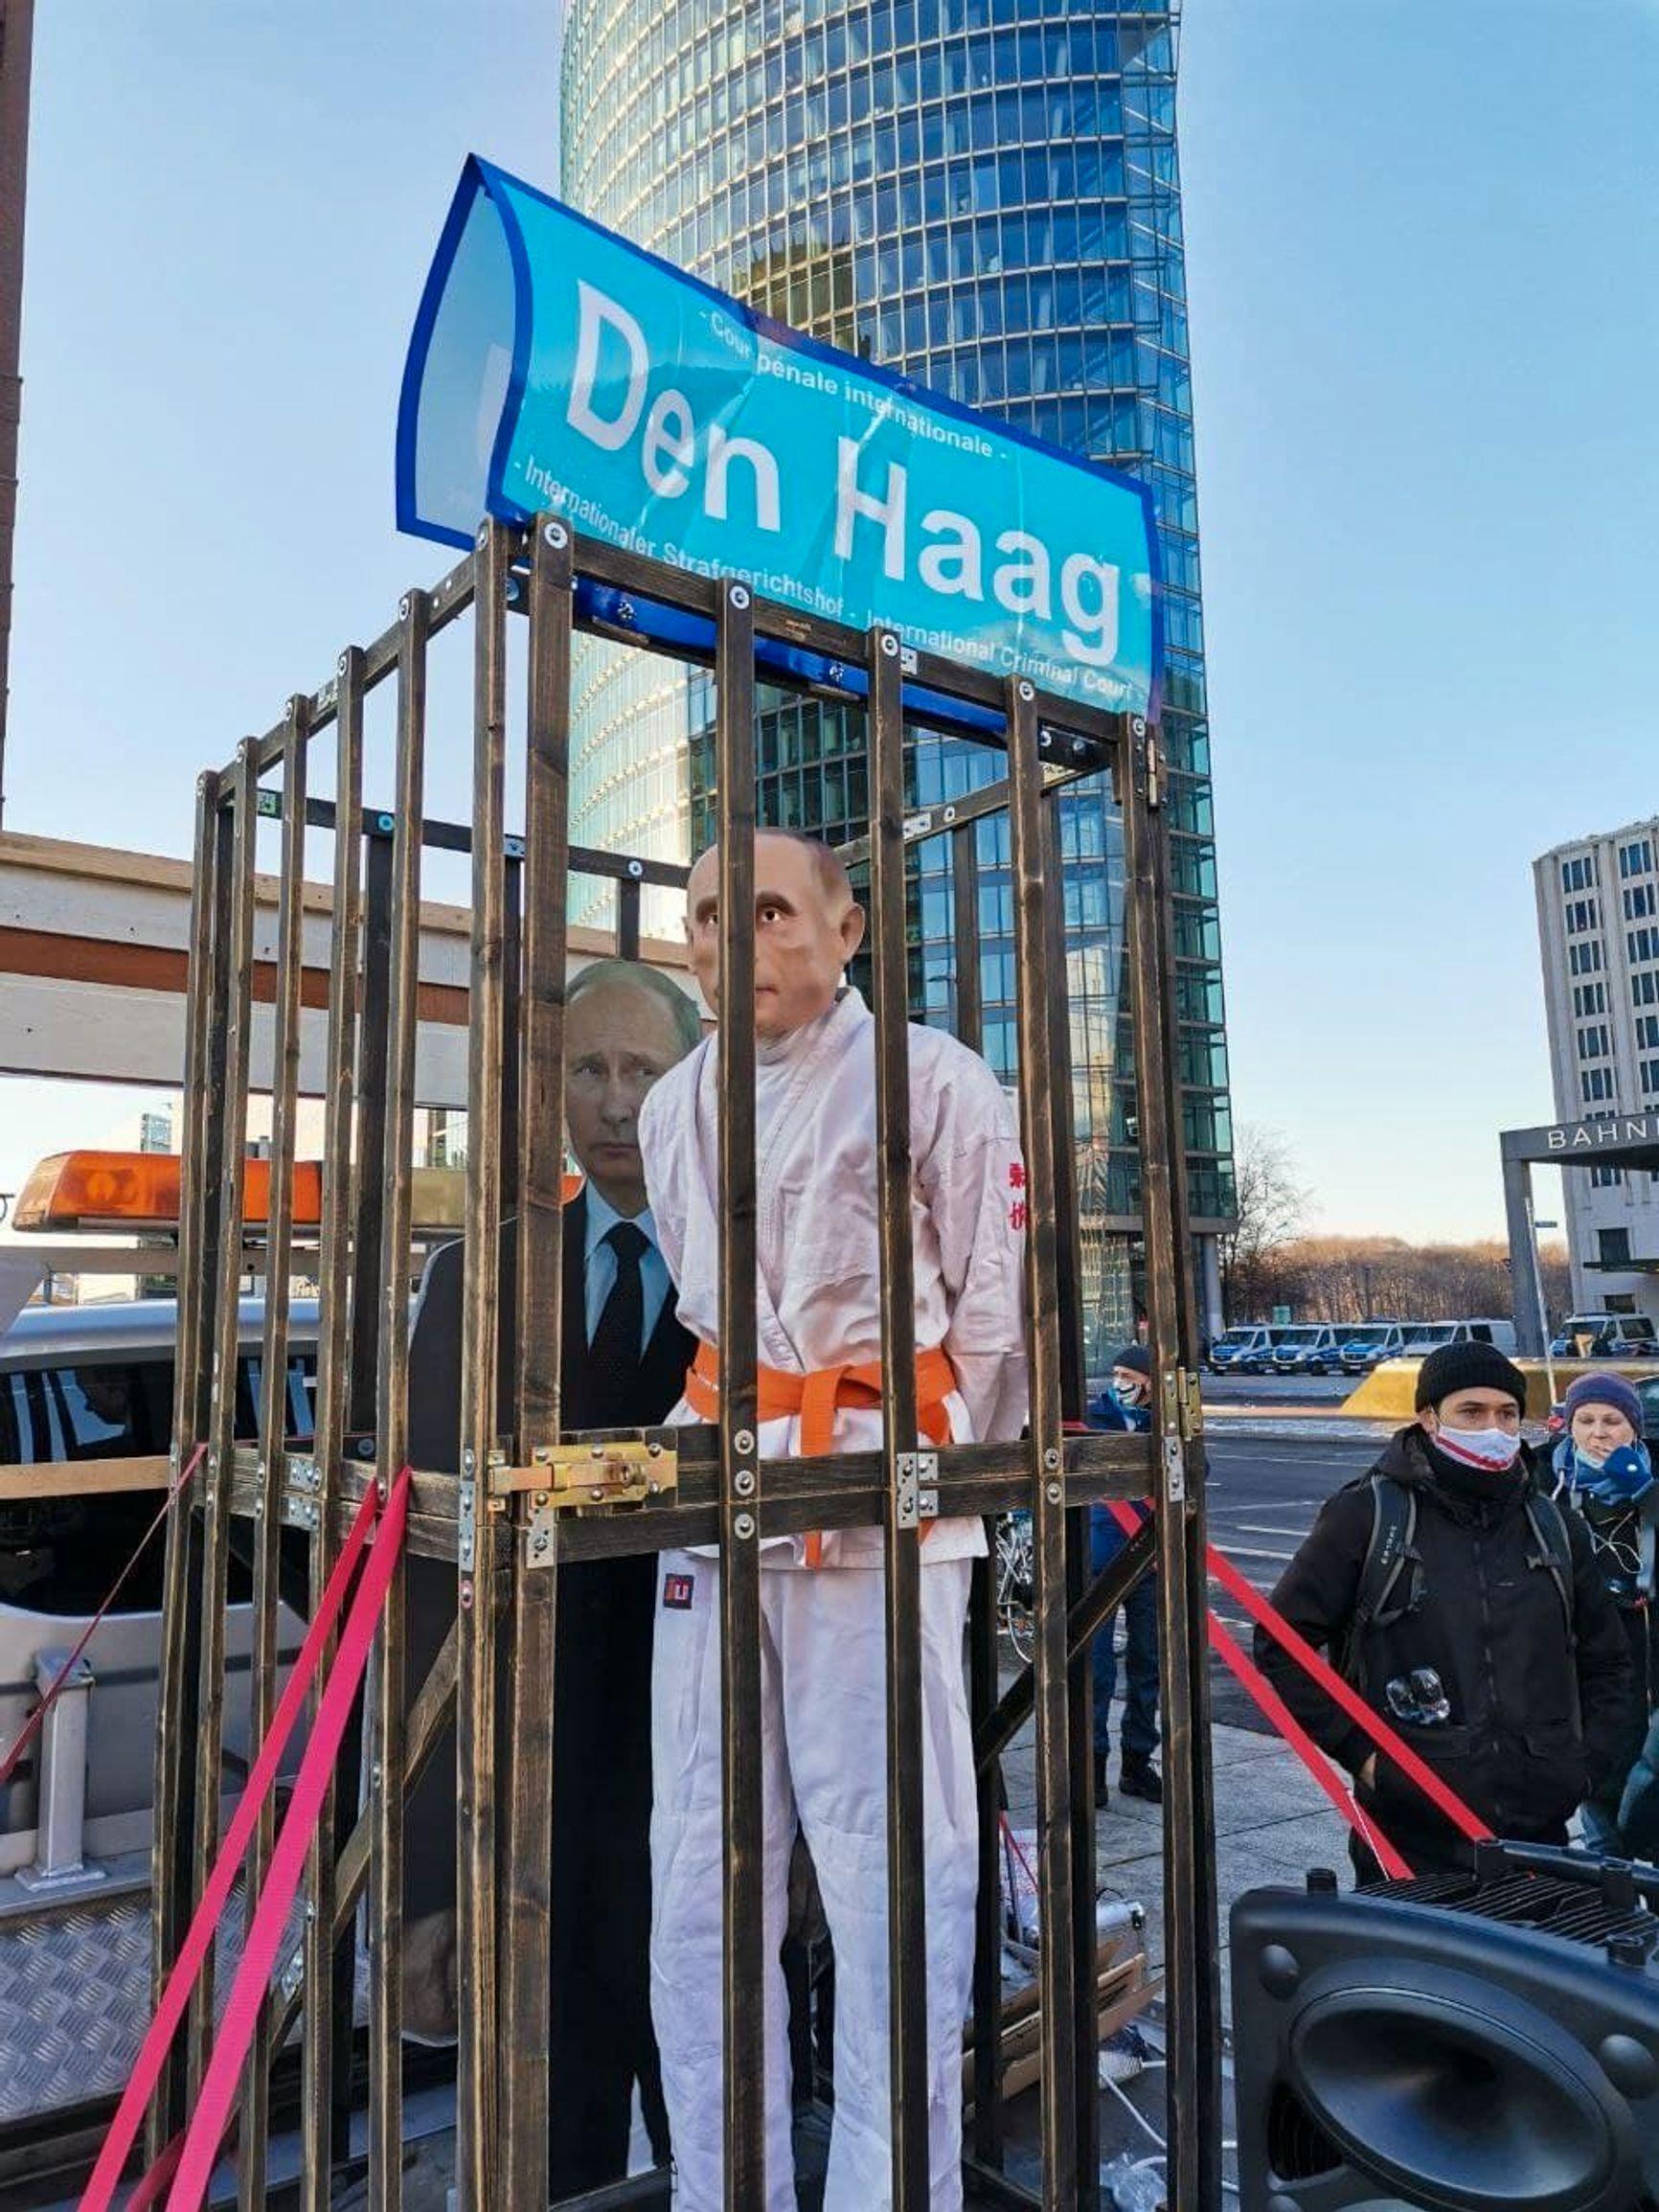 В Германии митинги прошли в большинстве крупных городов, несмотря на жесткий карантин. В Берлине, протестующие посадили «Путина» в клетку с надписью «На Гаагу».